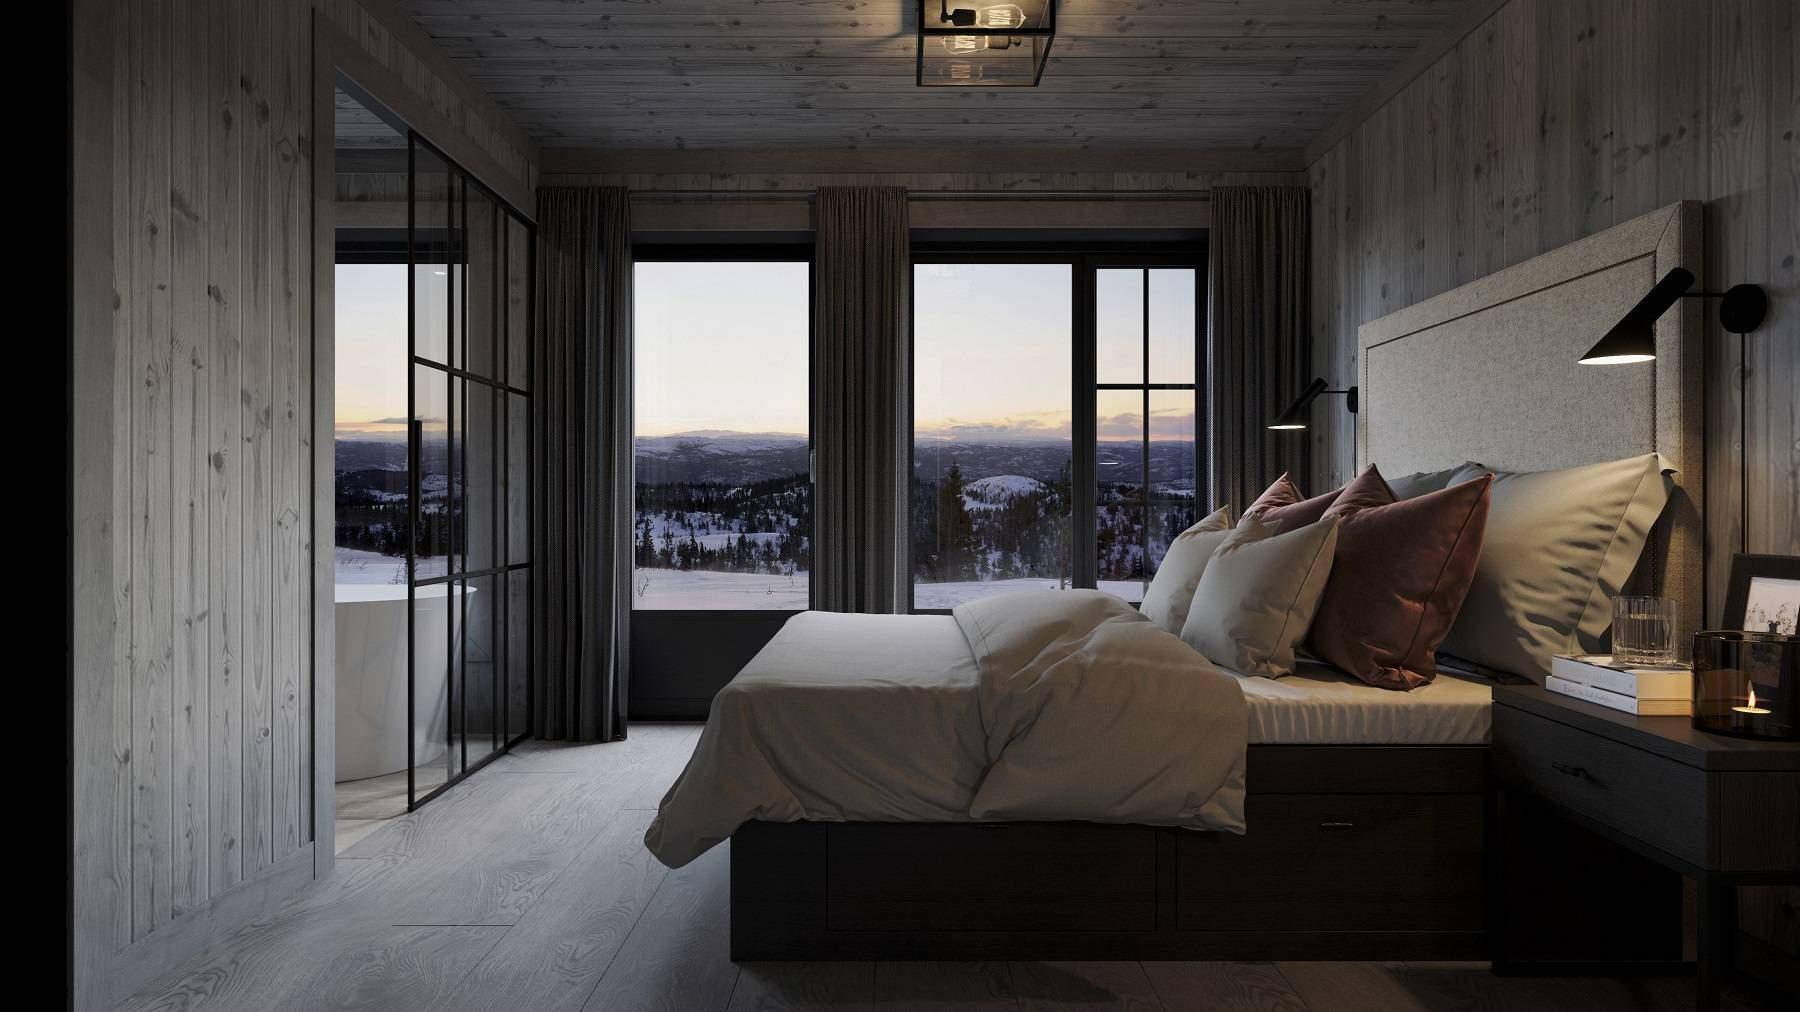 220 Masteravdeling med privat bad med badekar. Her kan man våkne til fjell landskapet. Hyttemodell Geilo 155